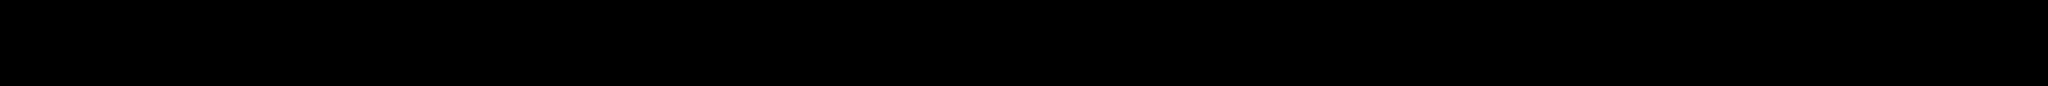 LESJÖFORS 4B0511115A, 4B0511115A, 4B0511115A Fahrwerksfeder